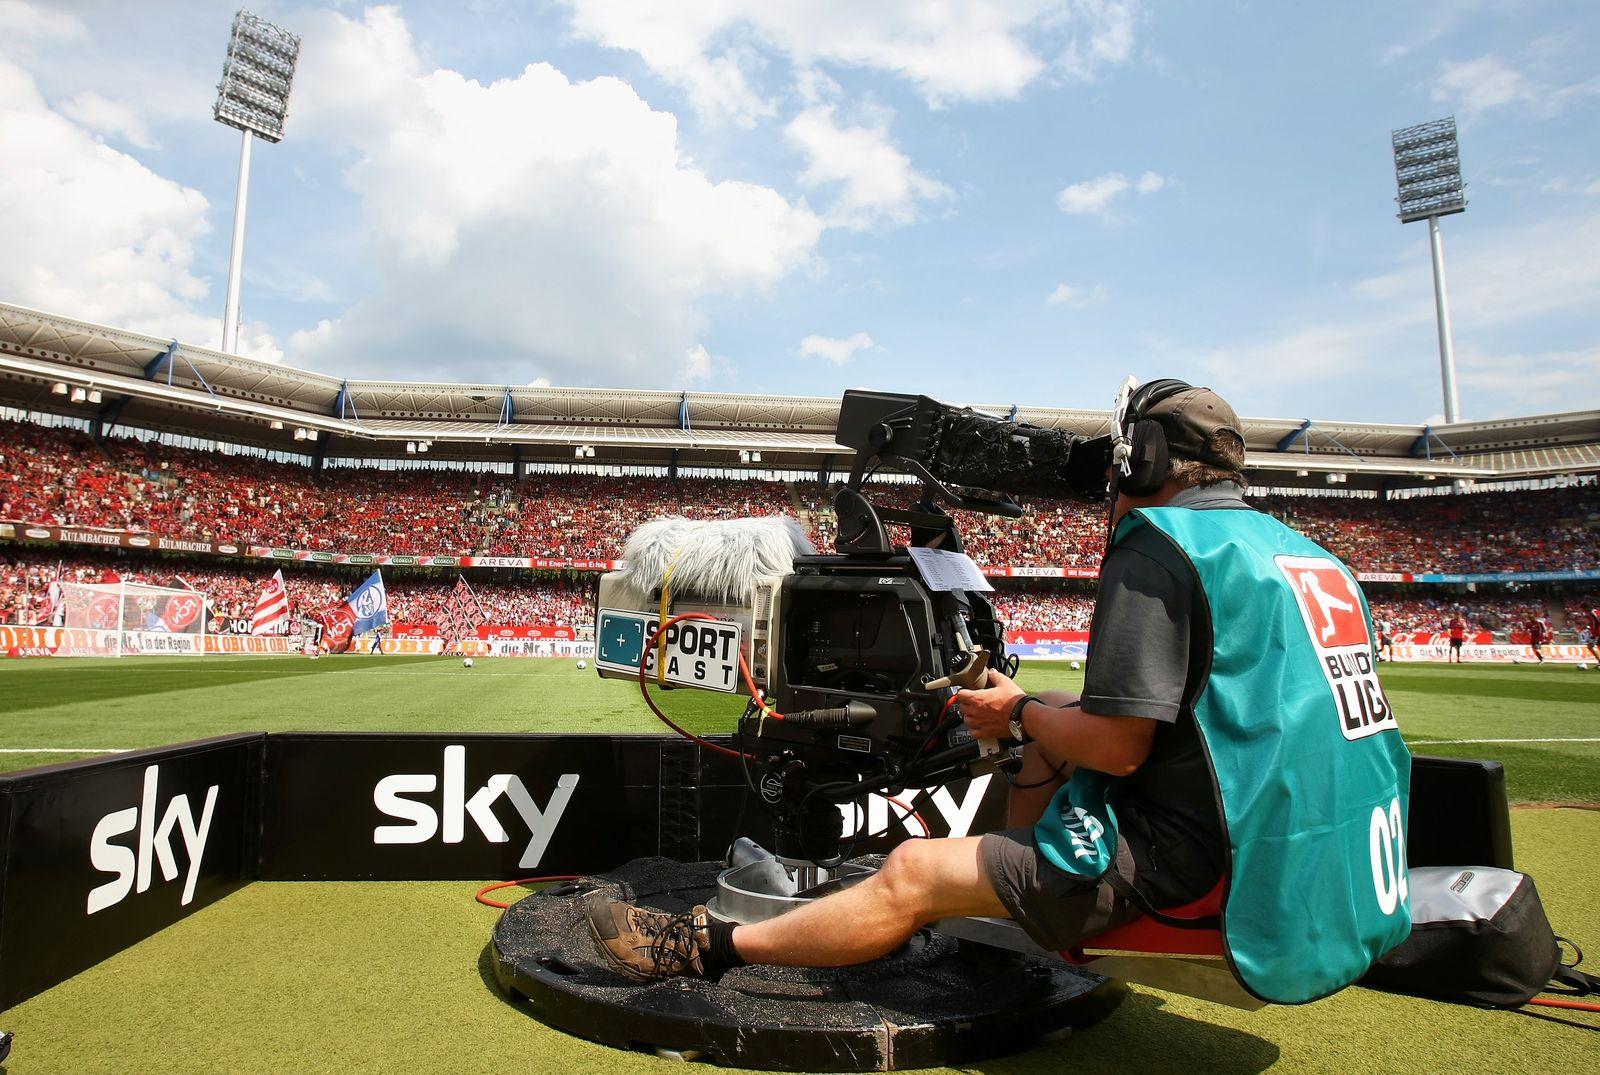 Sky / Bundesliga